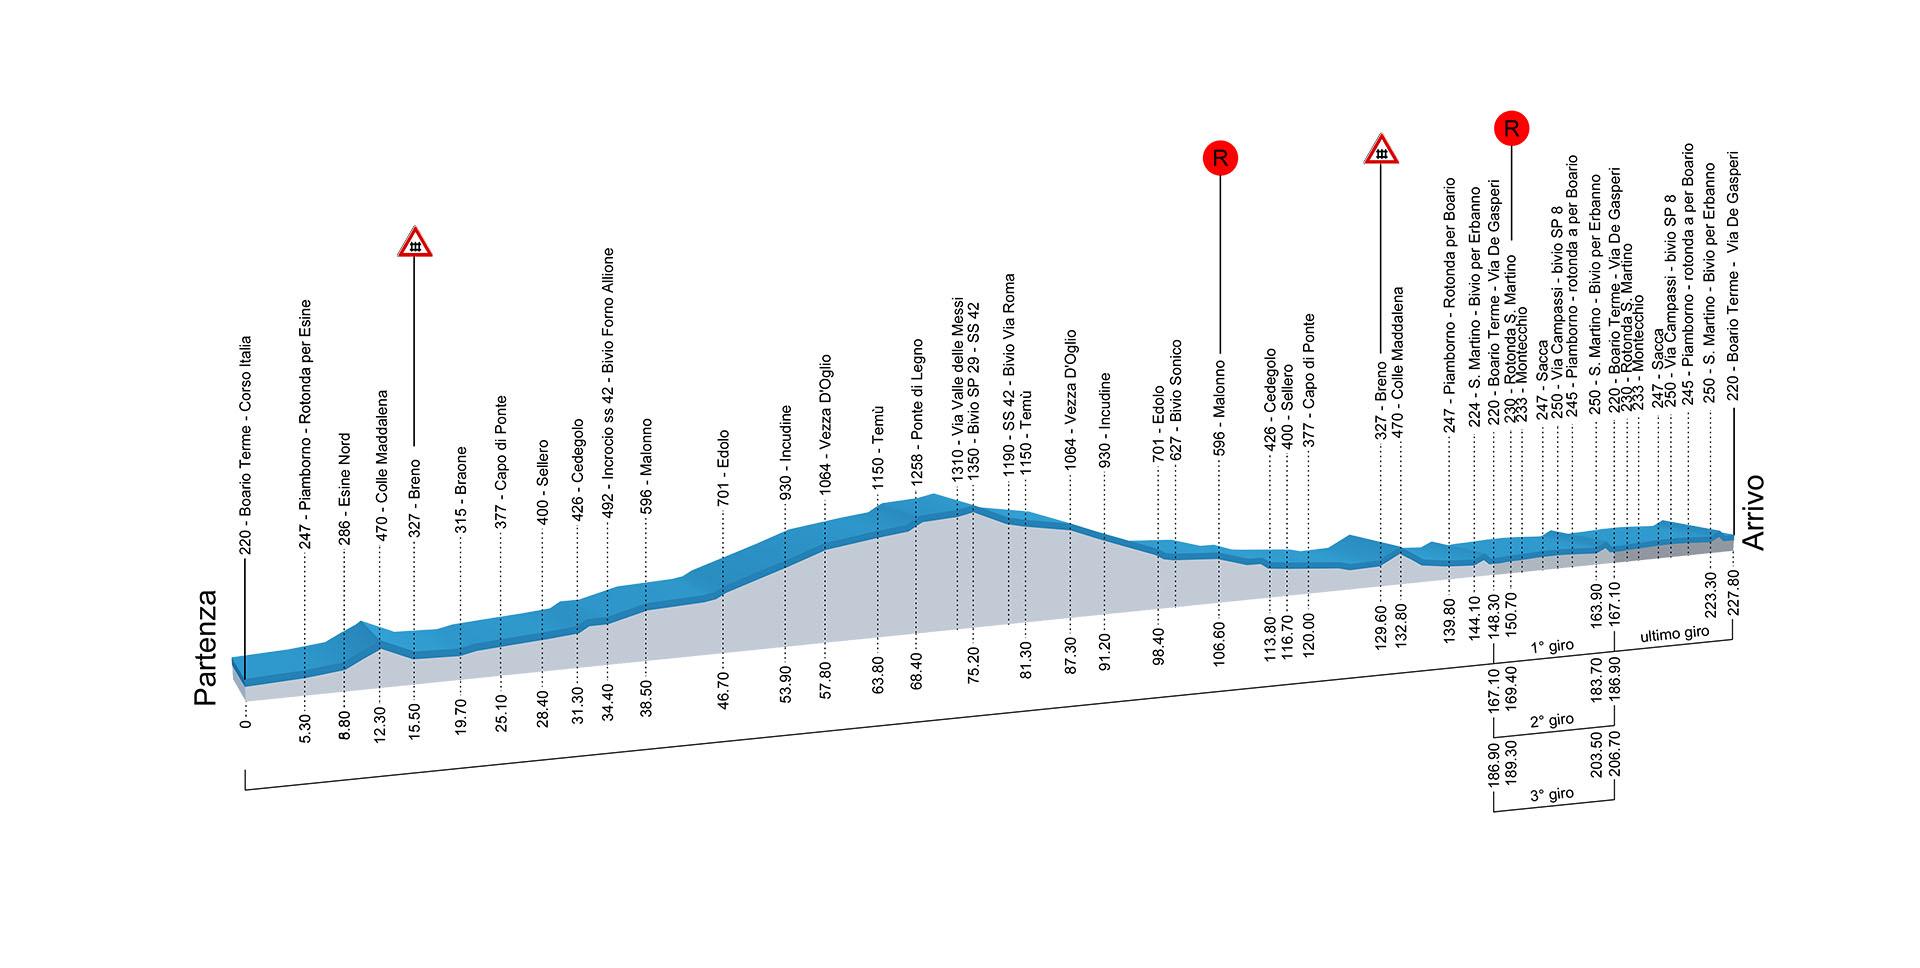 Altimetrie campionati italiani ciclismo 2016 professionisti